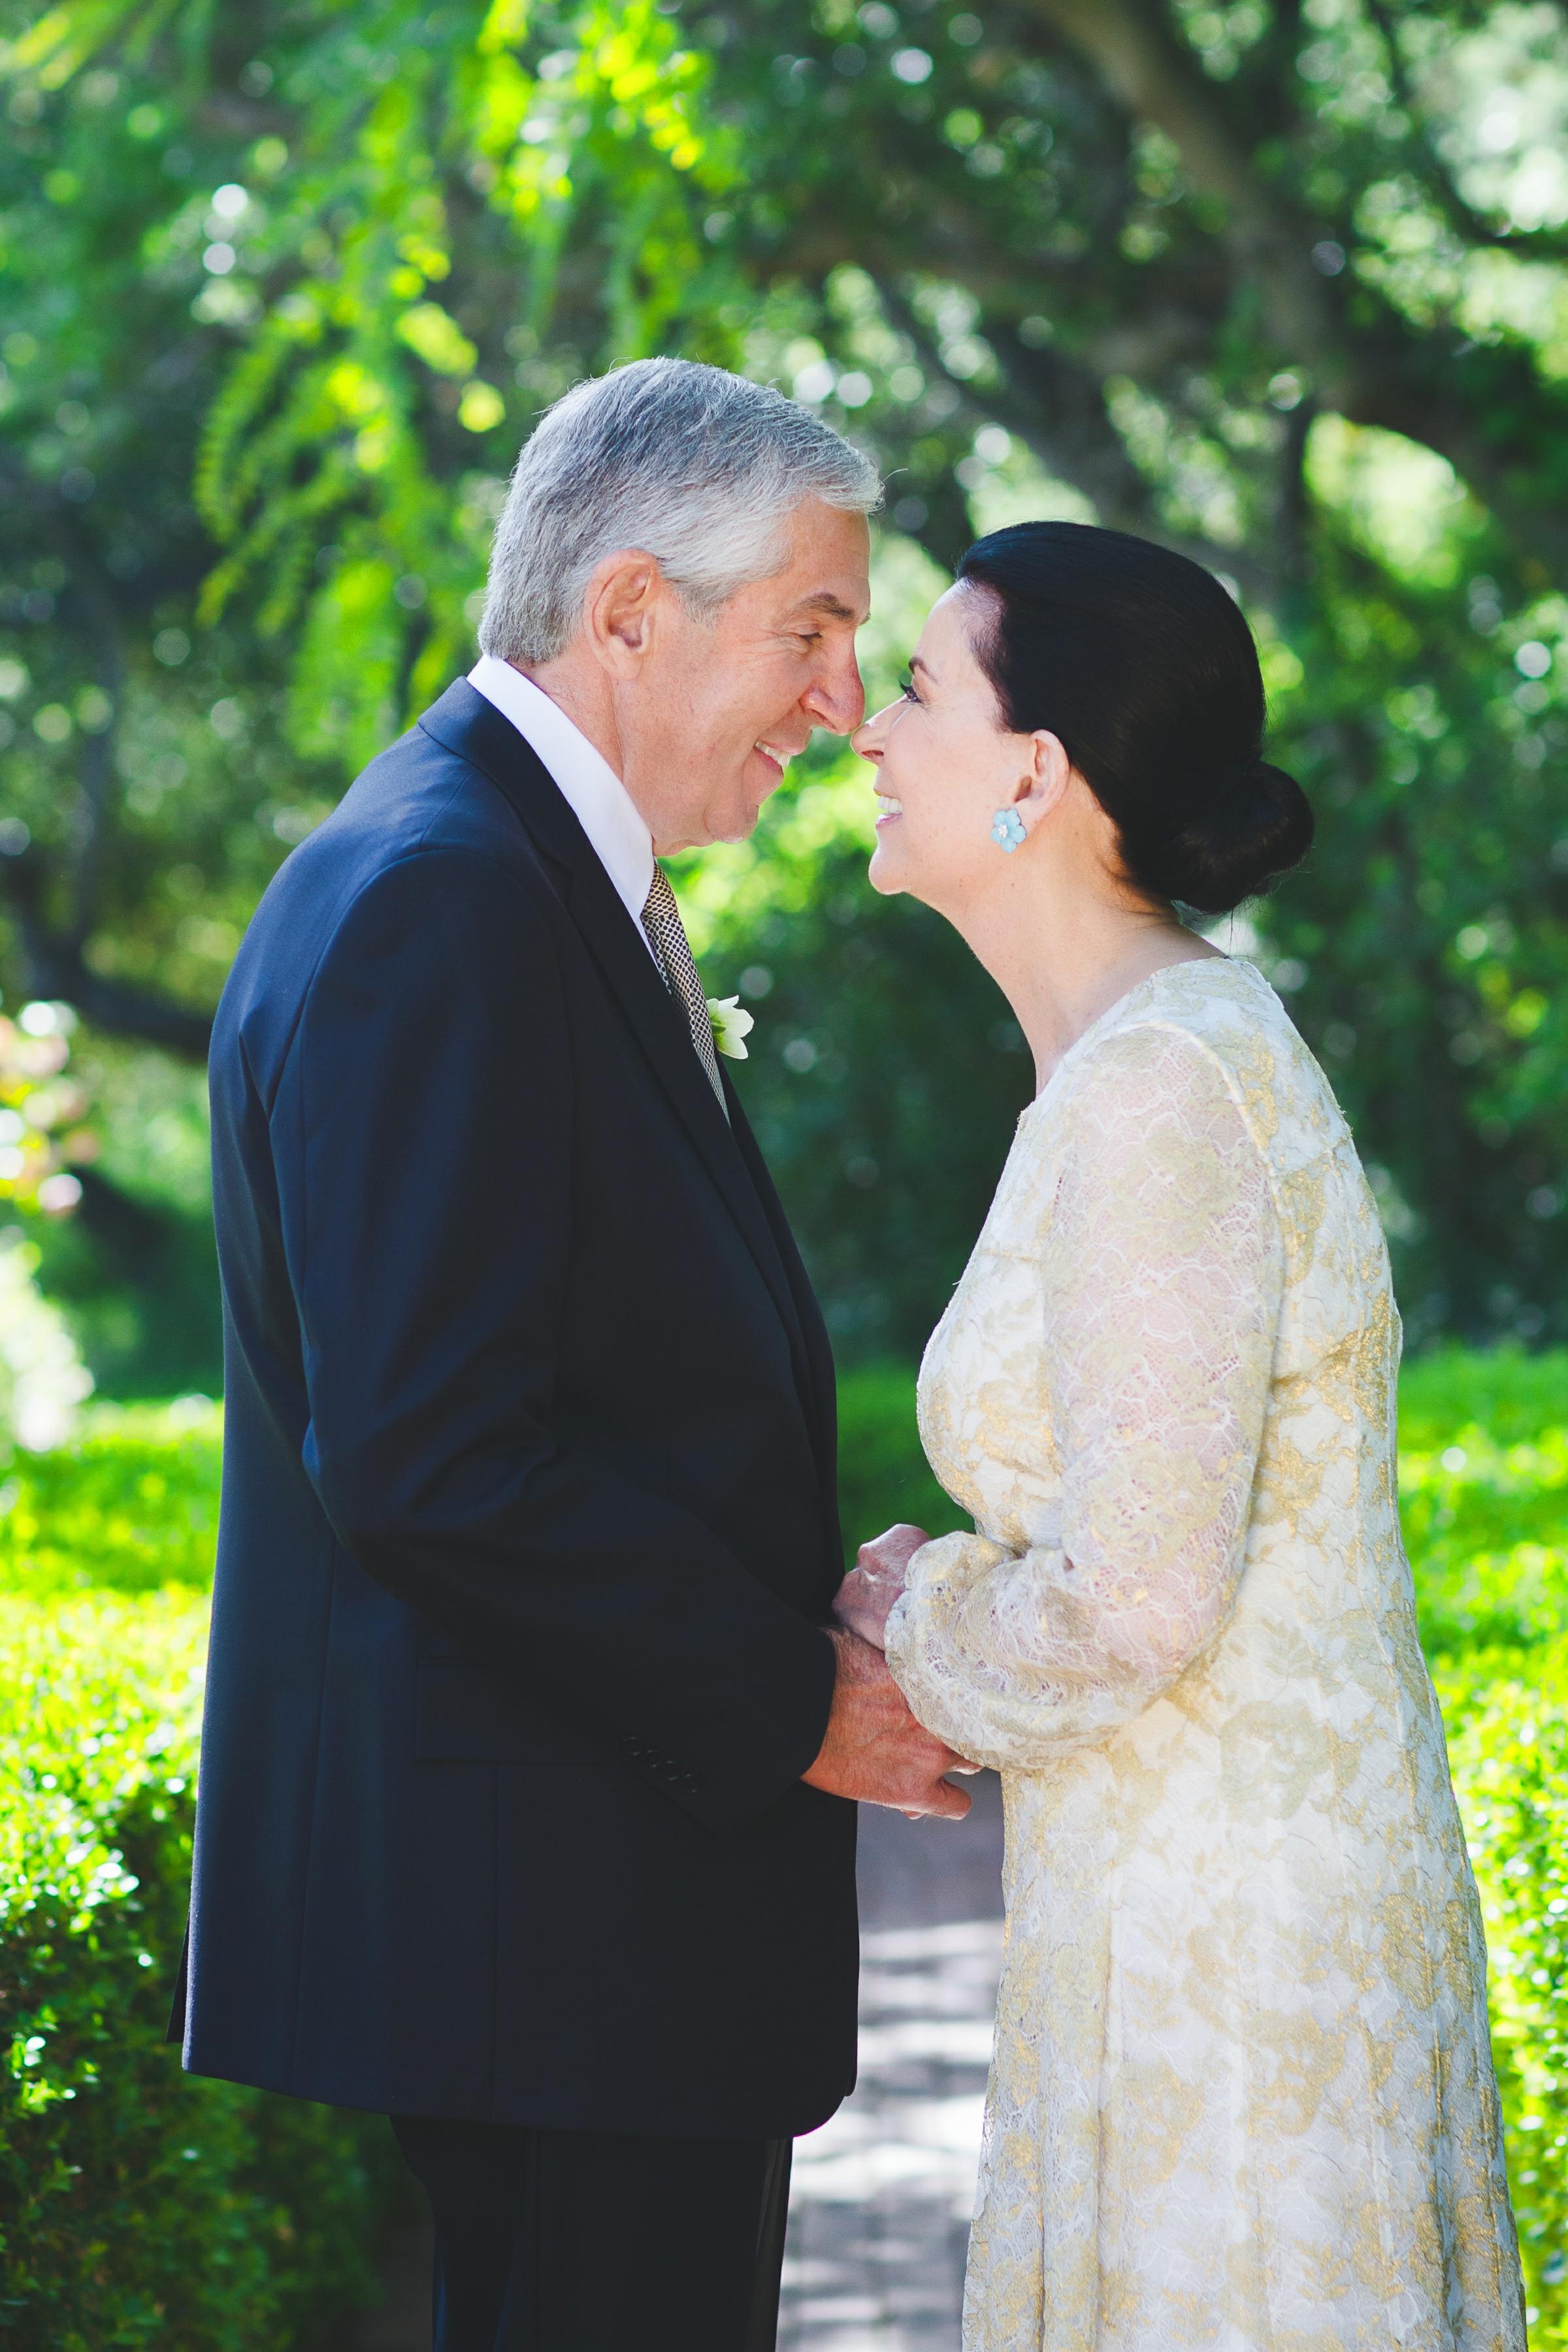 021 - bride & groom nose kiss.jpg